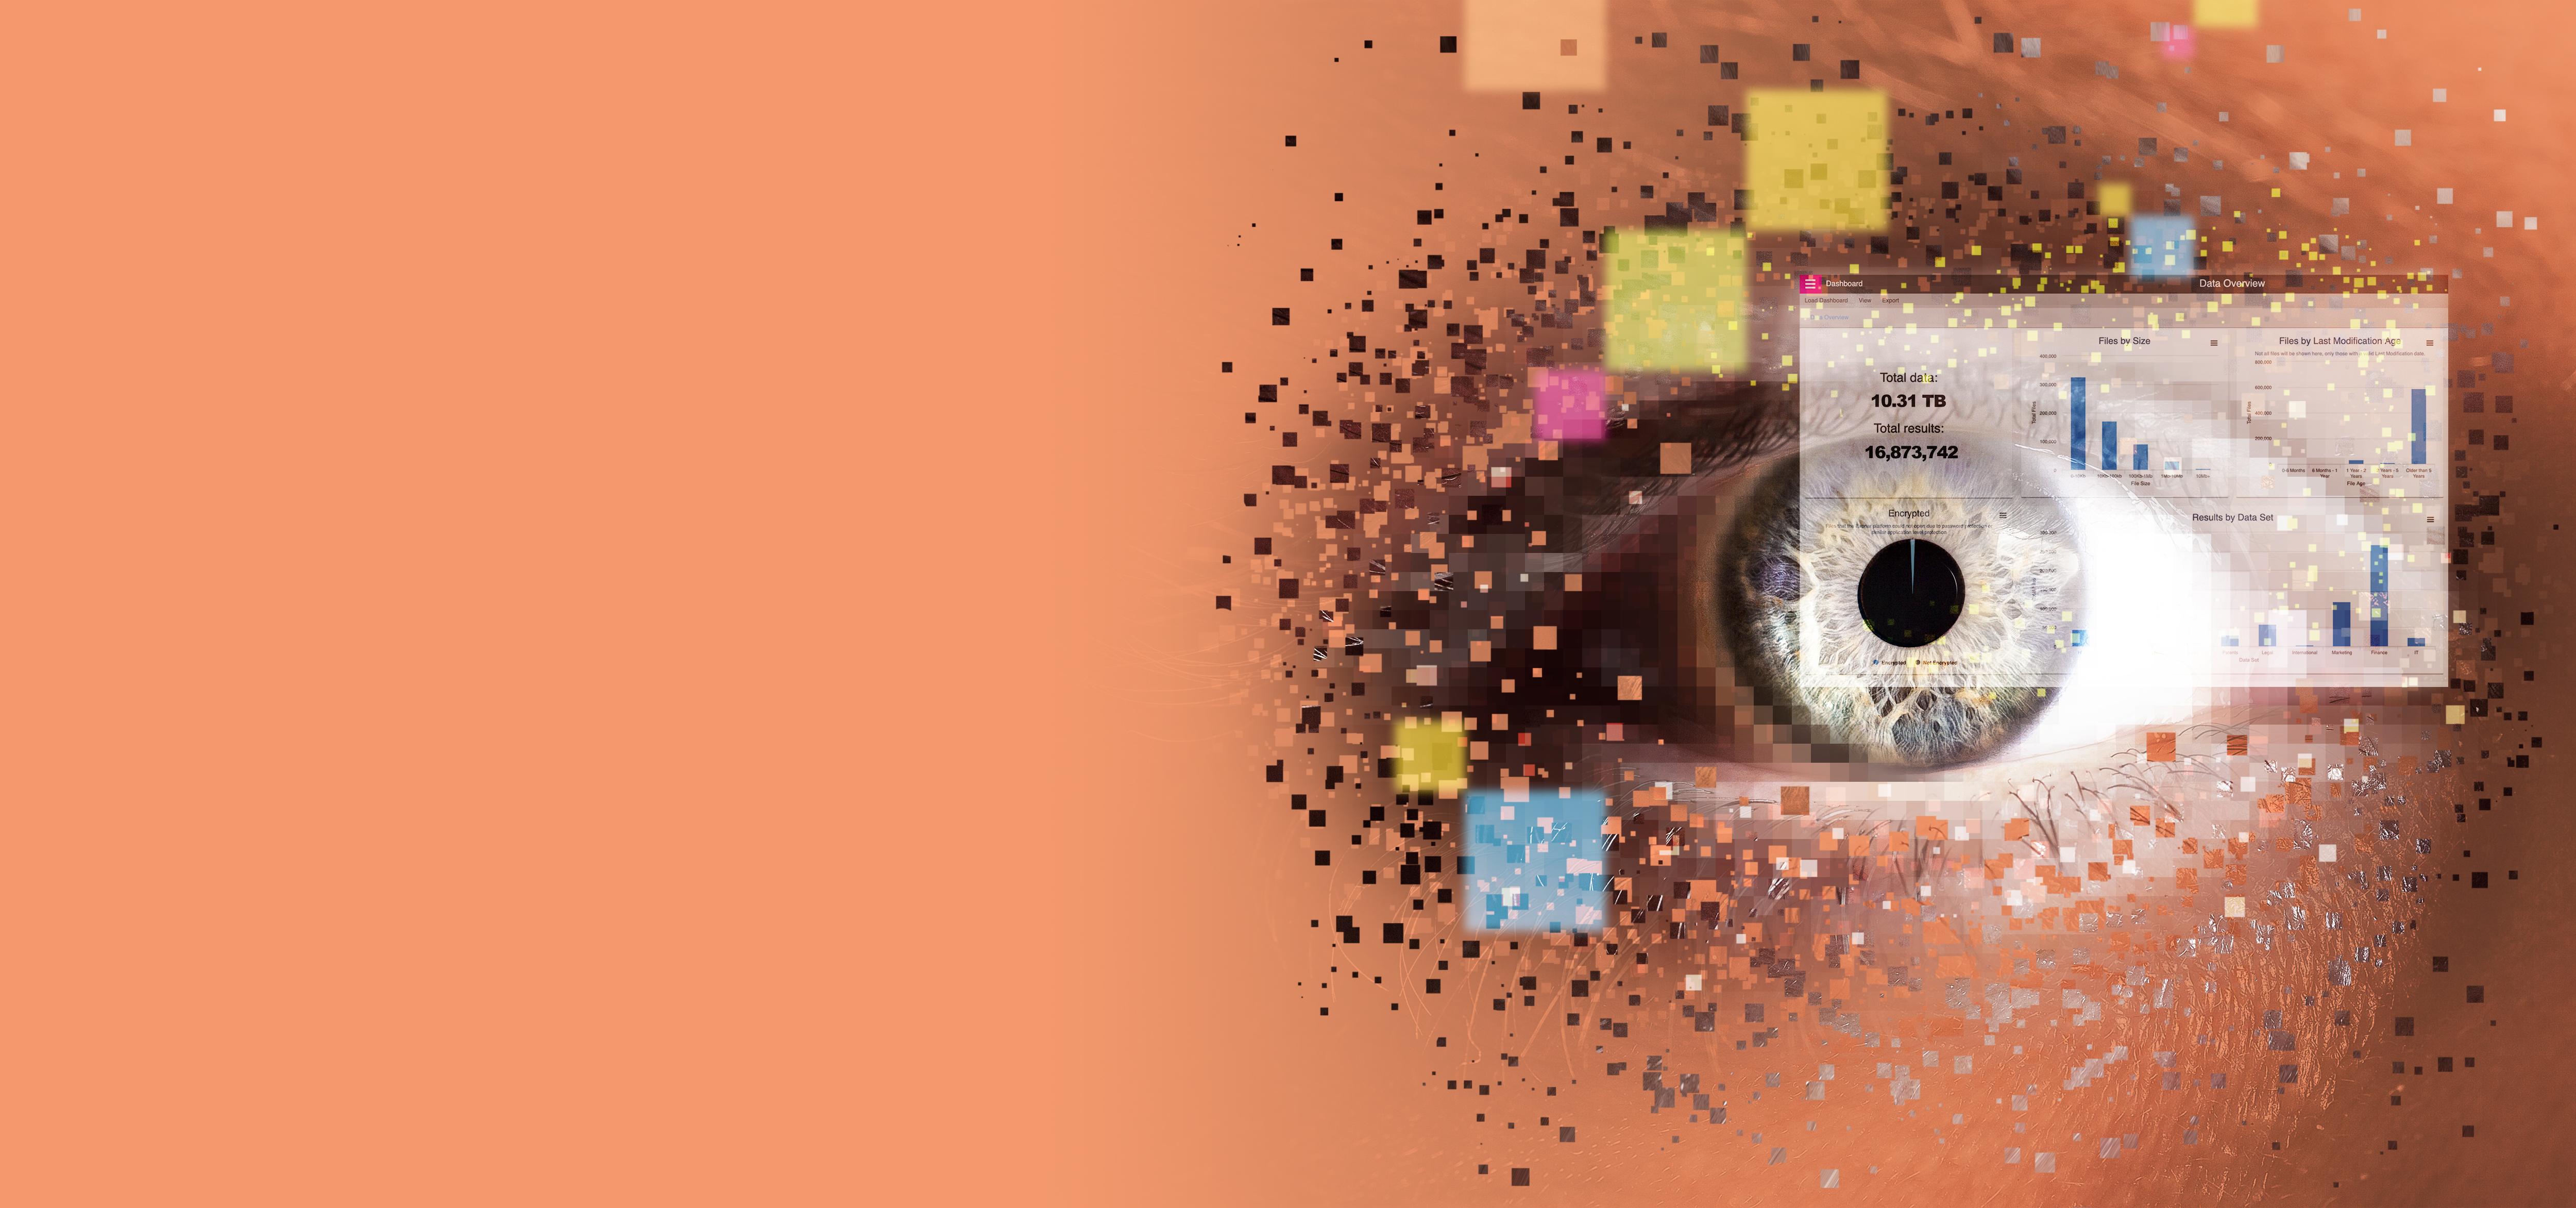 Eye - Data Governance